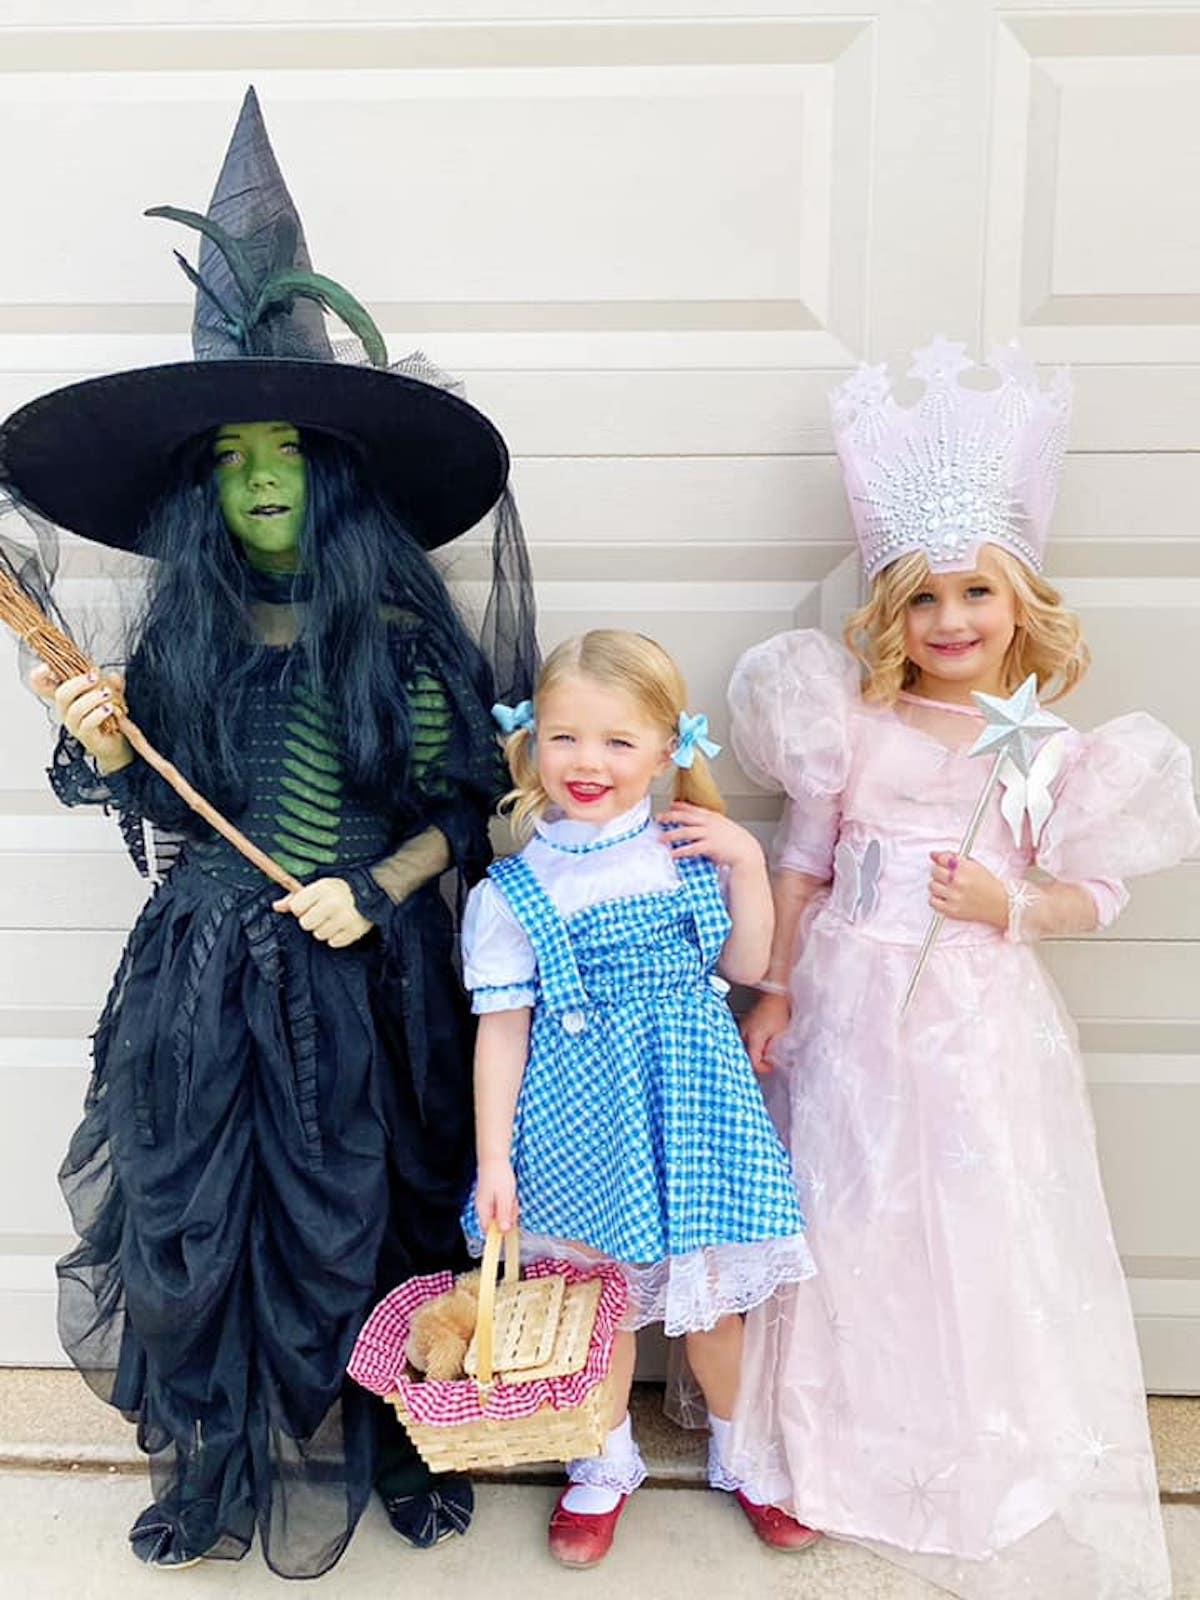 Three girls wearing Wizard of Oz character costumes smile in front of garage door.